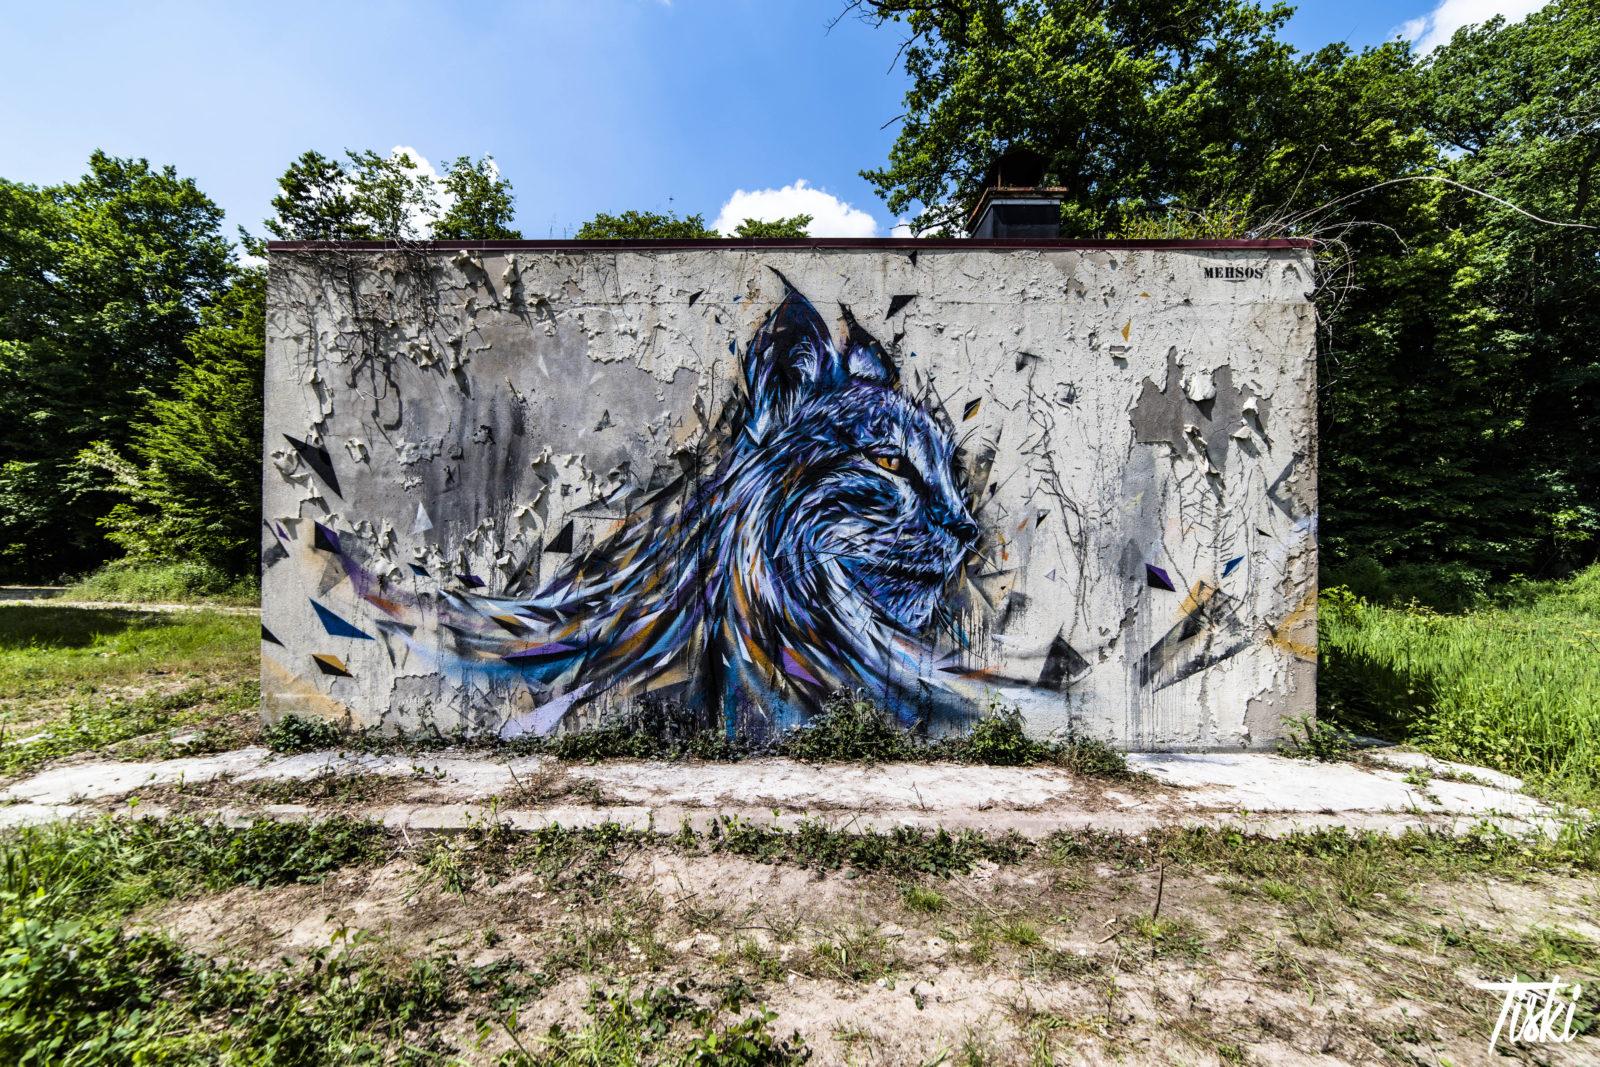 LaBel Valette Fest domaine Mehsos animal lynx - LaBel Valette Fest : l'art et les cultures urbaines font revivre un château abandonné